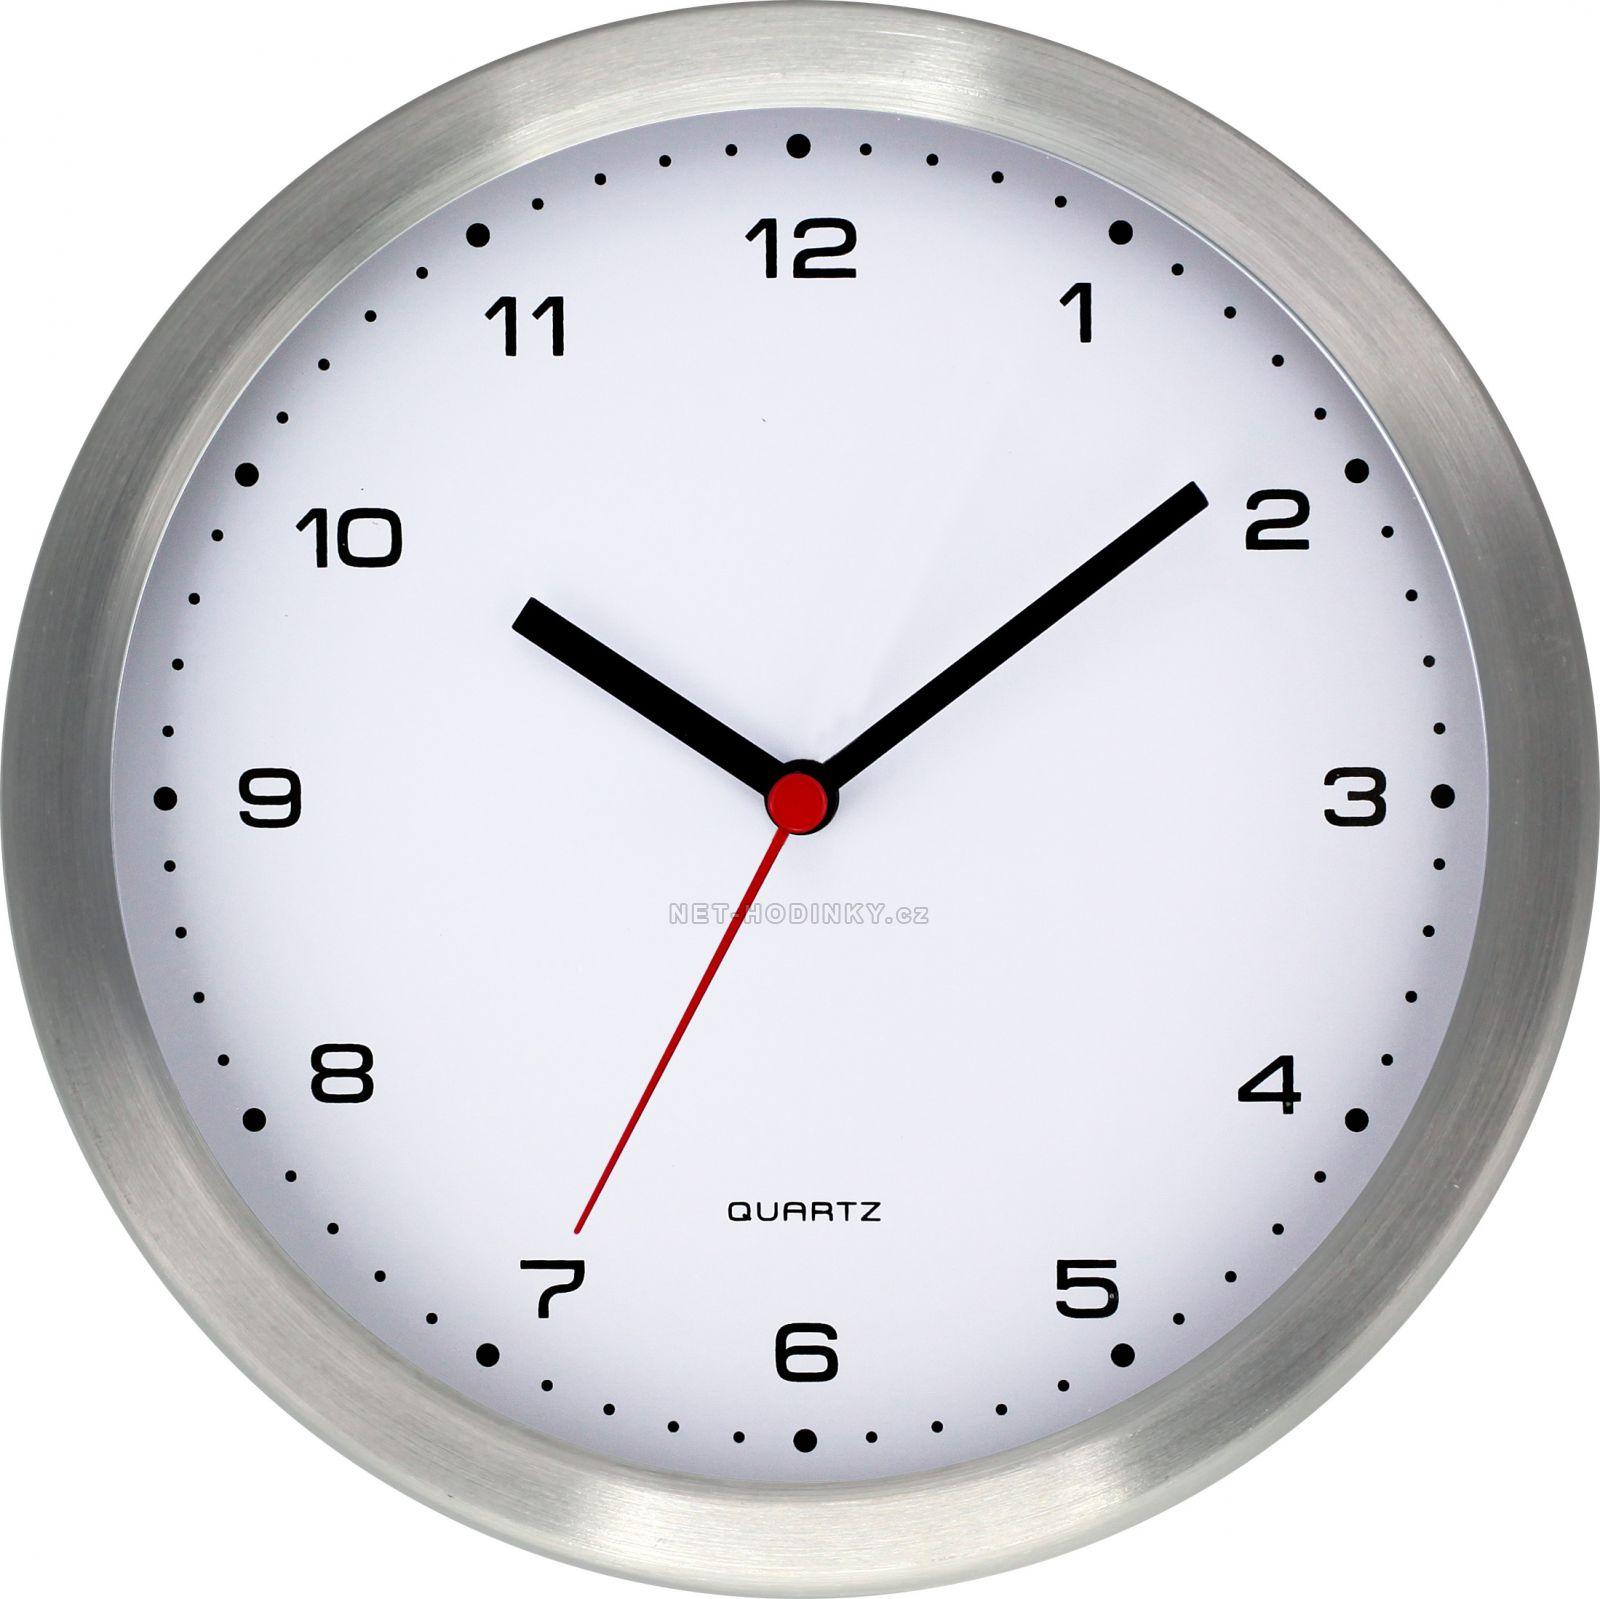 Nástěnné hodiny na stěnu vhodné do školy, výrobní haly, čekárny, hotelu, tělocvičny, posilovny, laboratoře, wellness centra, ale i do domácnosti